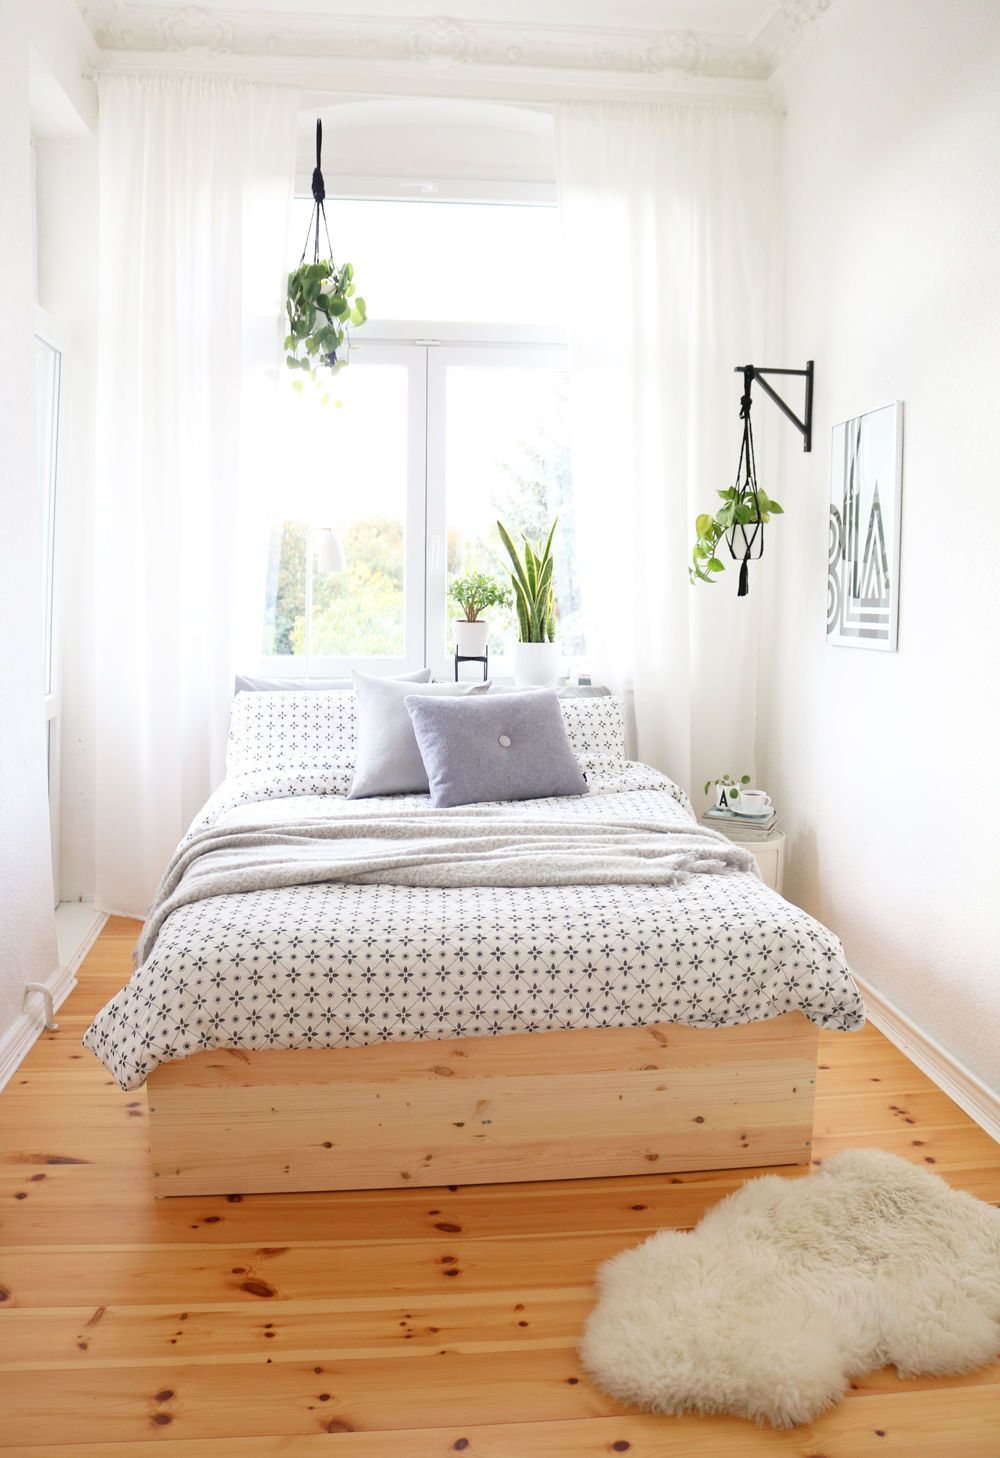 gemutliche einrichtungsideen kleine wohnzimmer, kleine schlafzimmer einrichten & gestalten, Ideen entwickeln